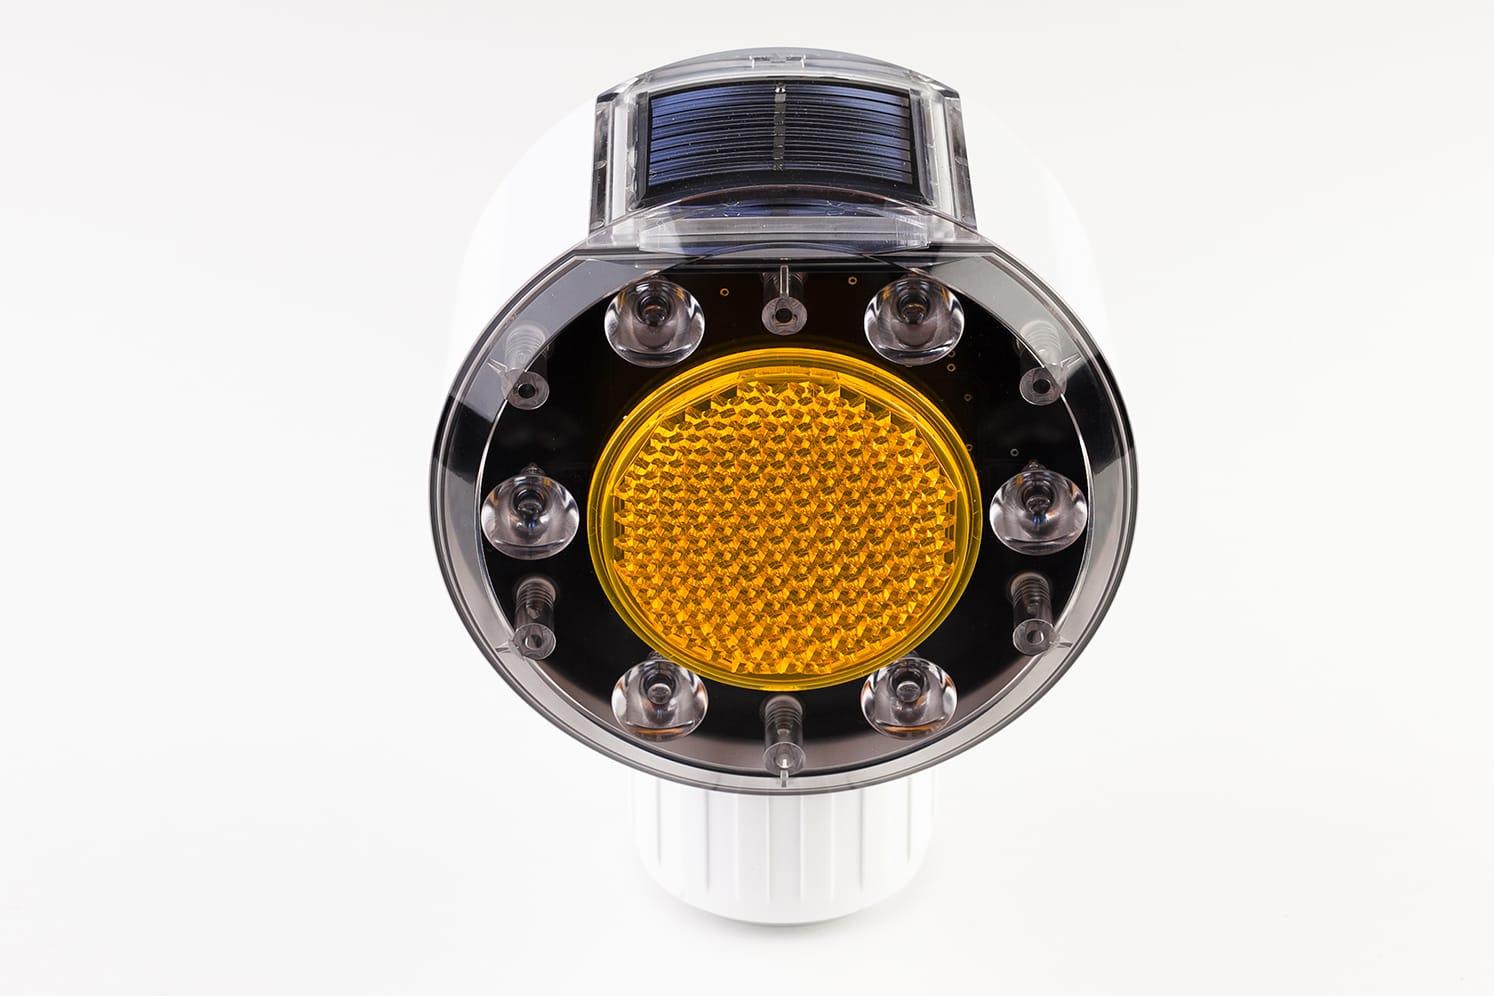 Feu solaire LED flash de signalisation routière : ECO-506